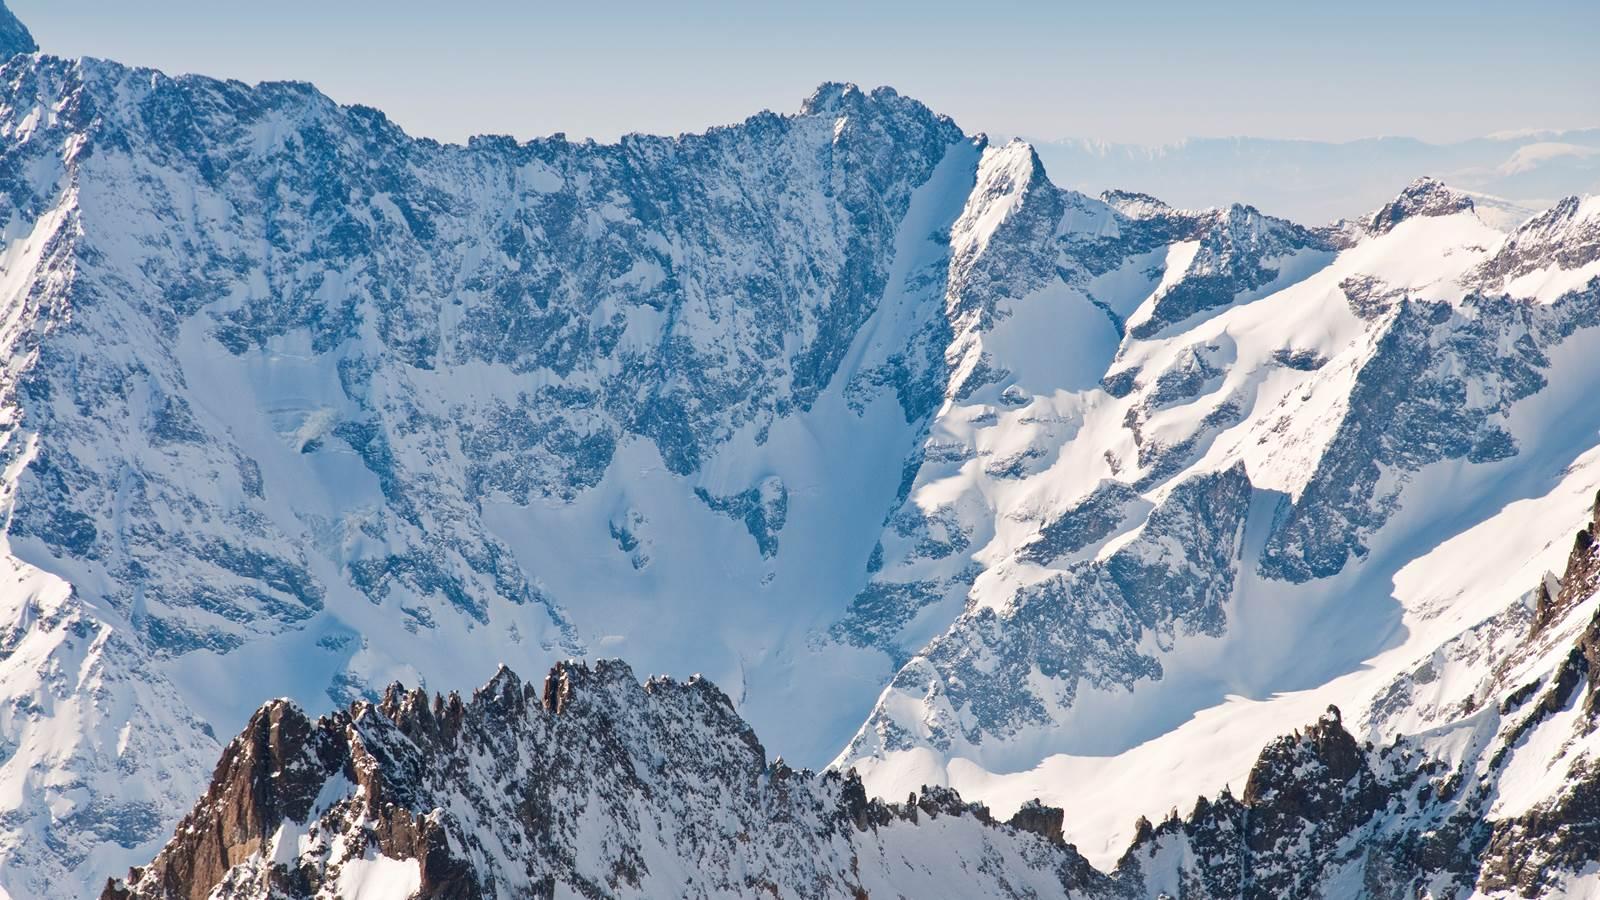 Les Deux Alpes, plus grand domaine skiable sur glacier d'Europe dans le massif des Écrins